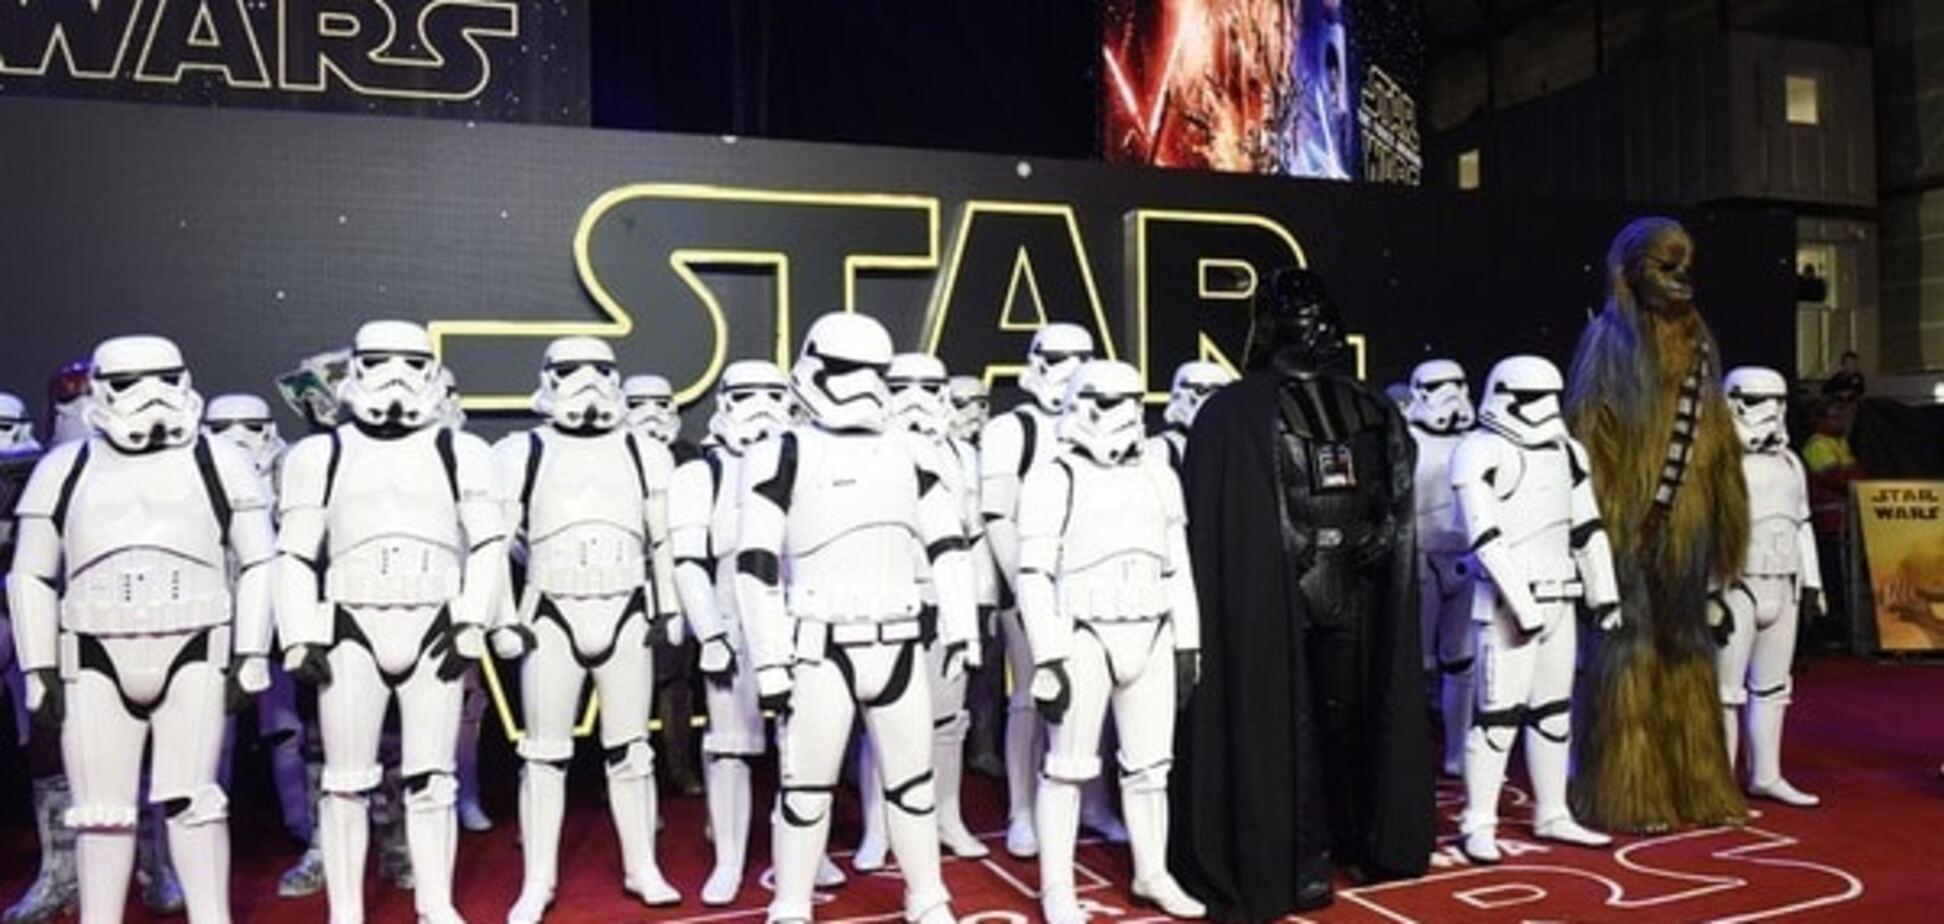 Рекорд: 'Зоряні війни' зібрали $1 млрд за дев'ять днів прокату